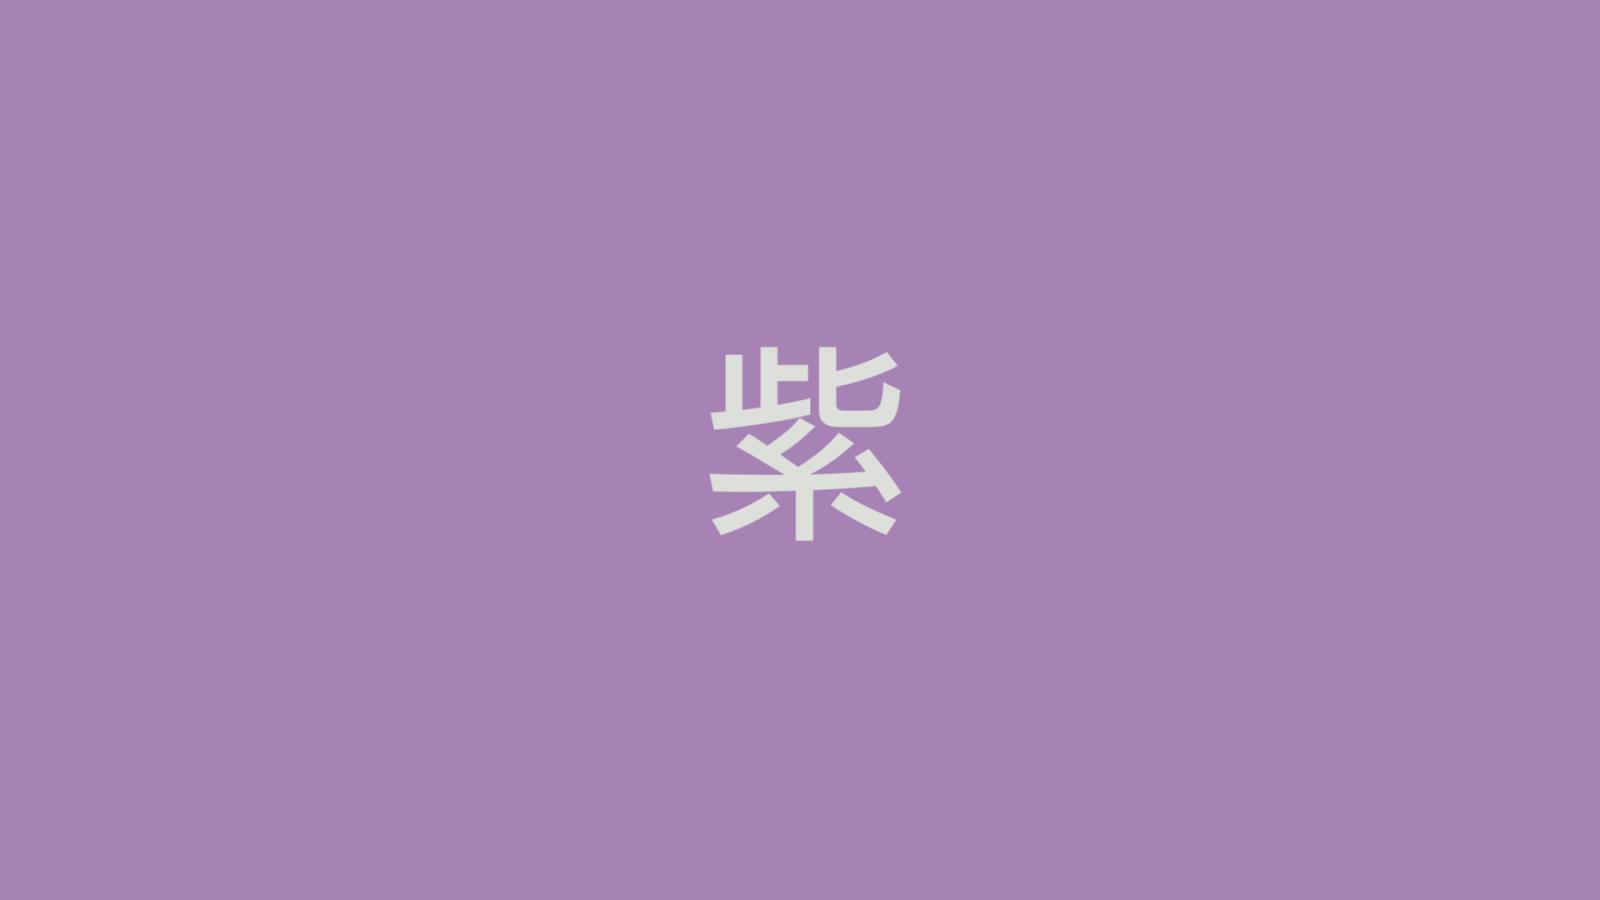 紫の横長の長方形